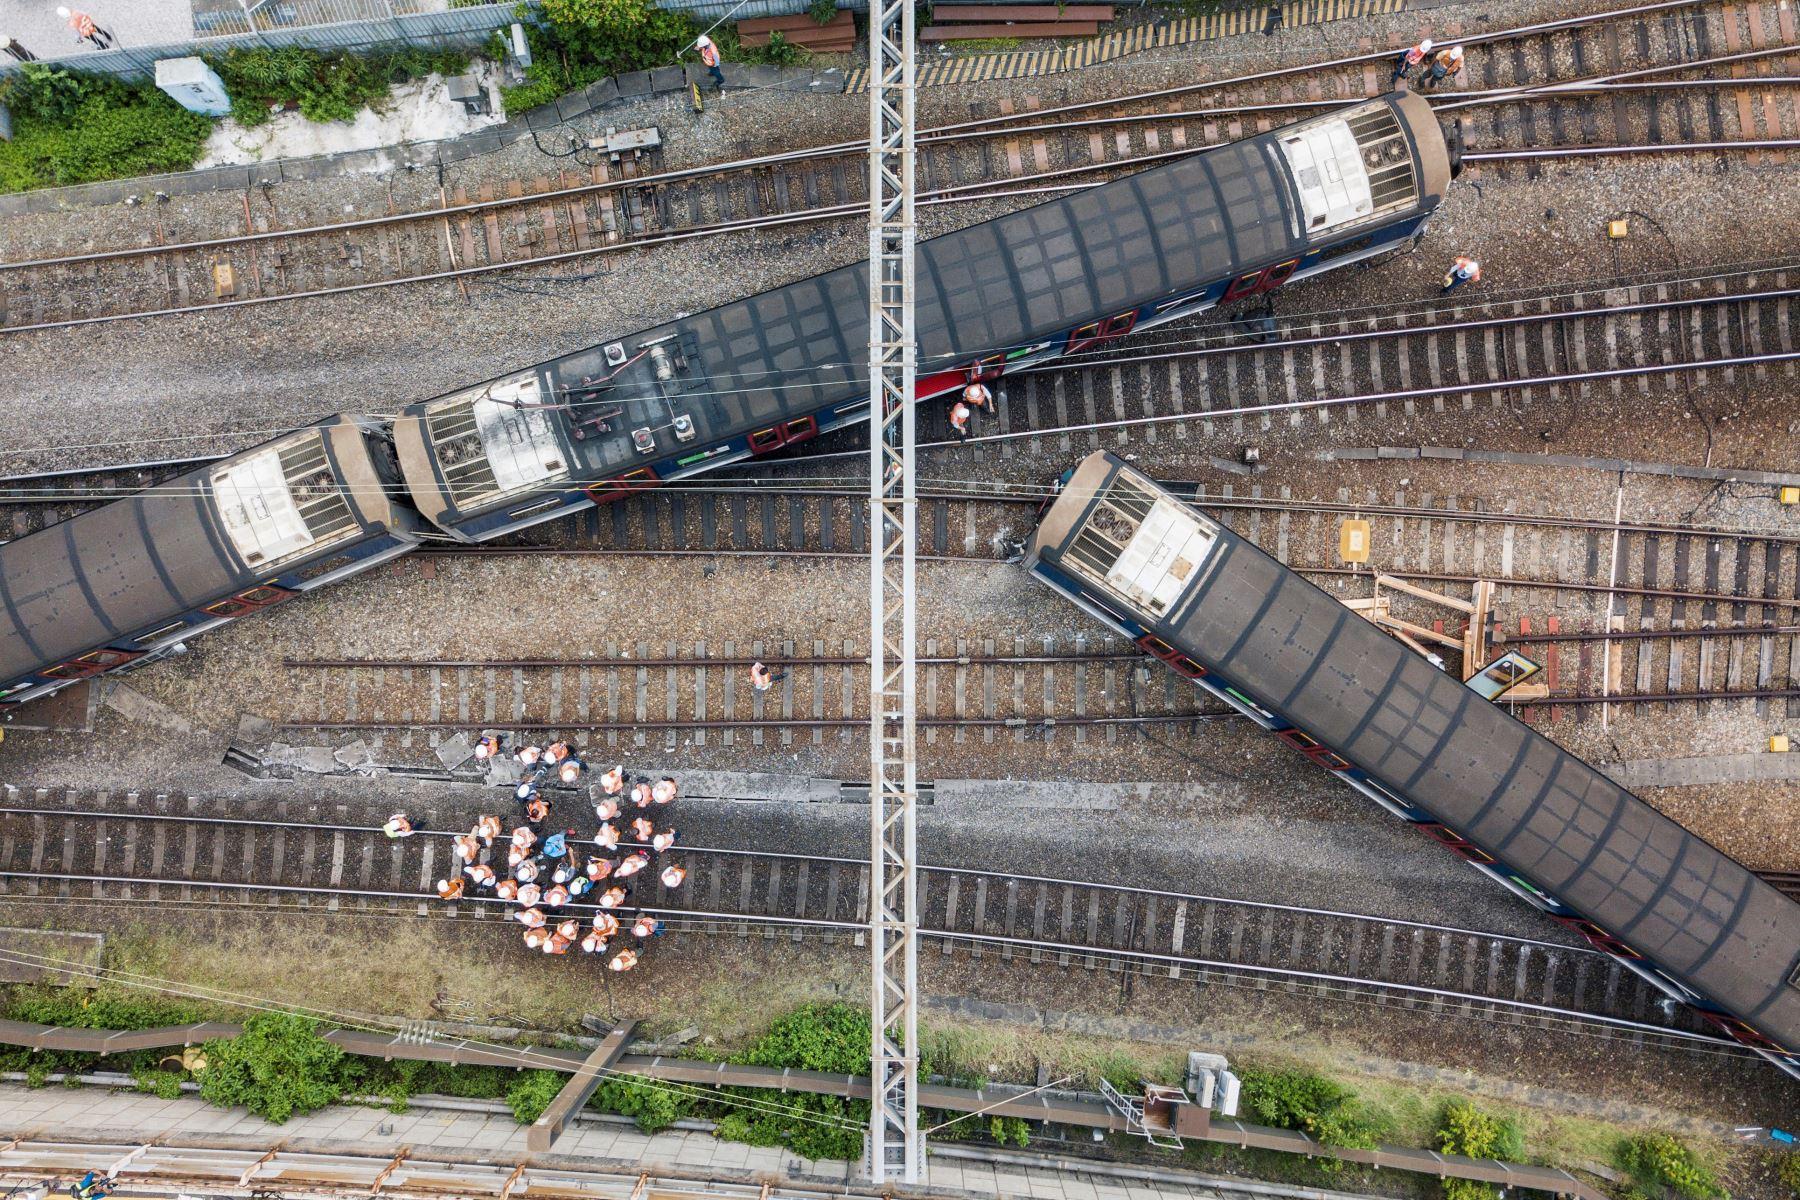 En total se evacuó del tren a 500 pasajeros, de los que ocho mostraban lesiones cuando llegaron al vestíbulo de la estación, según las autoridades. Foto: AFP